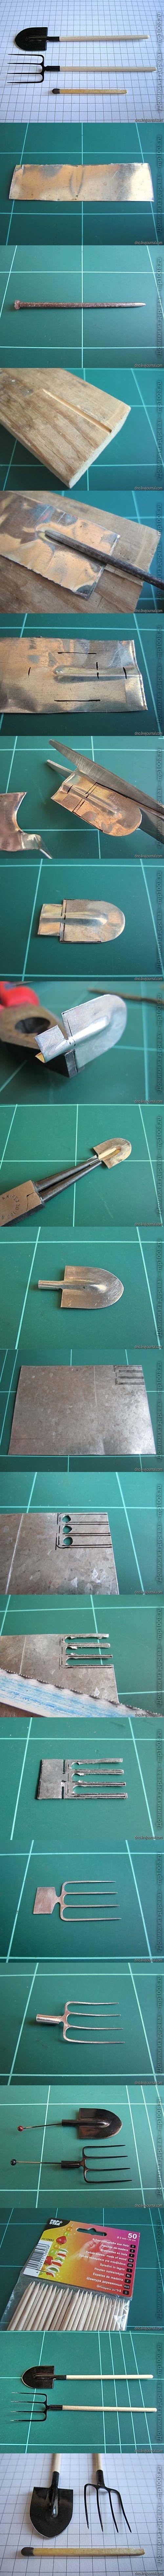 Herramientas de jardín en miniatura: pala y horquilla - Miniature garden tools: spade and fork